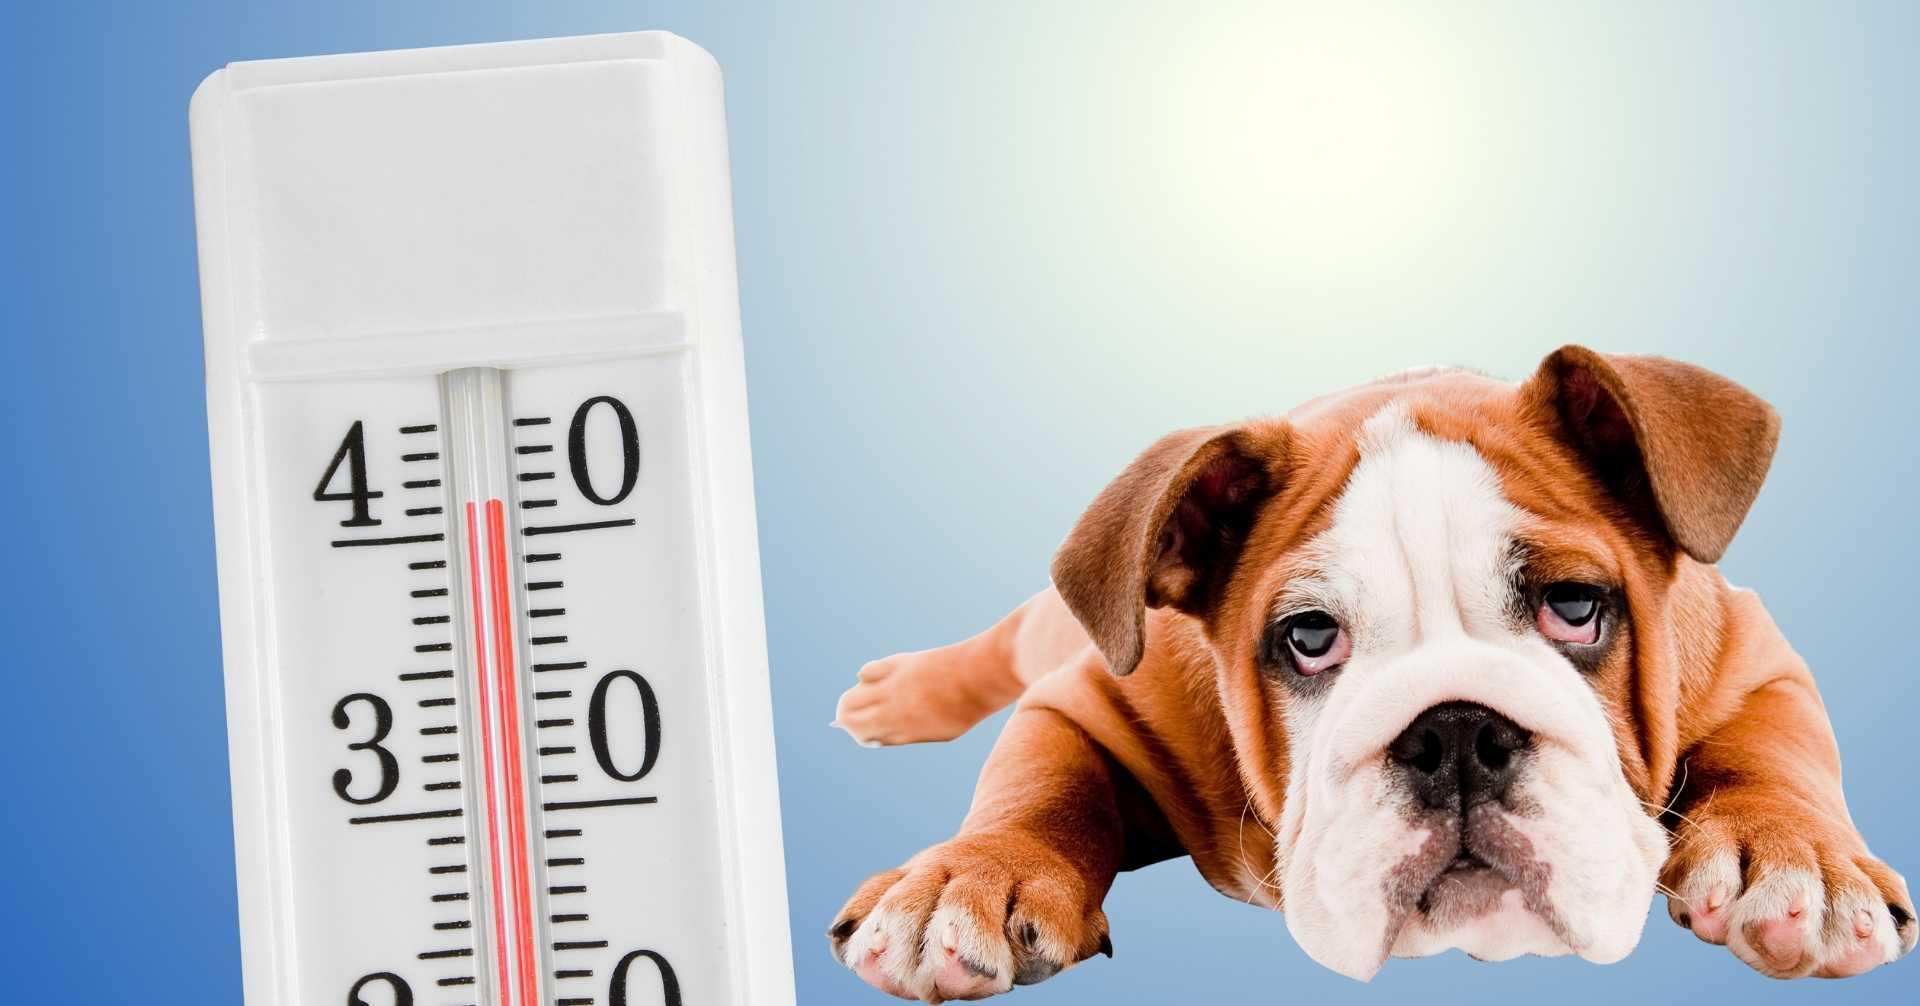 【夏の食欲不振】愛犬がご飯を食べない原因と対策【獣医師監修】